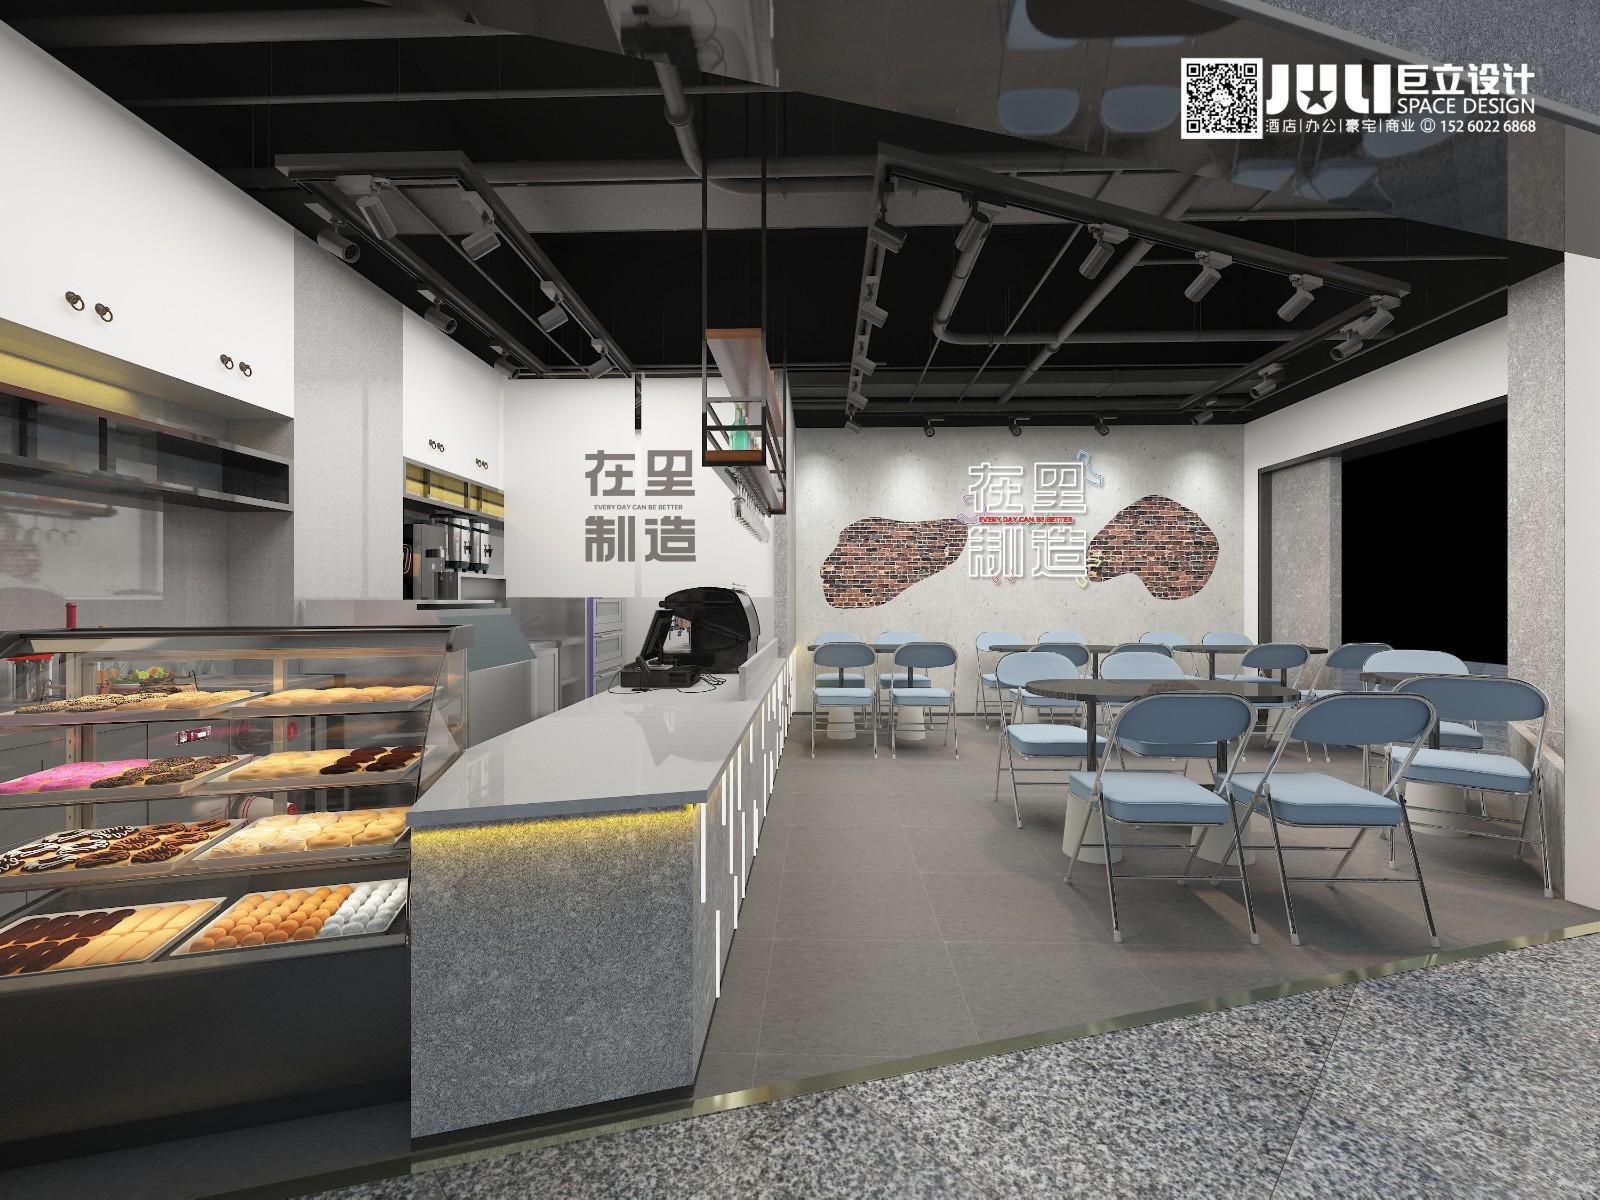 厦门在里制造乌石浦地铁站店设计项目